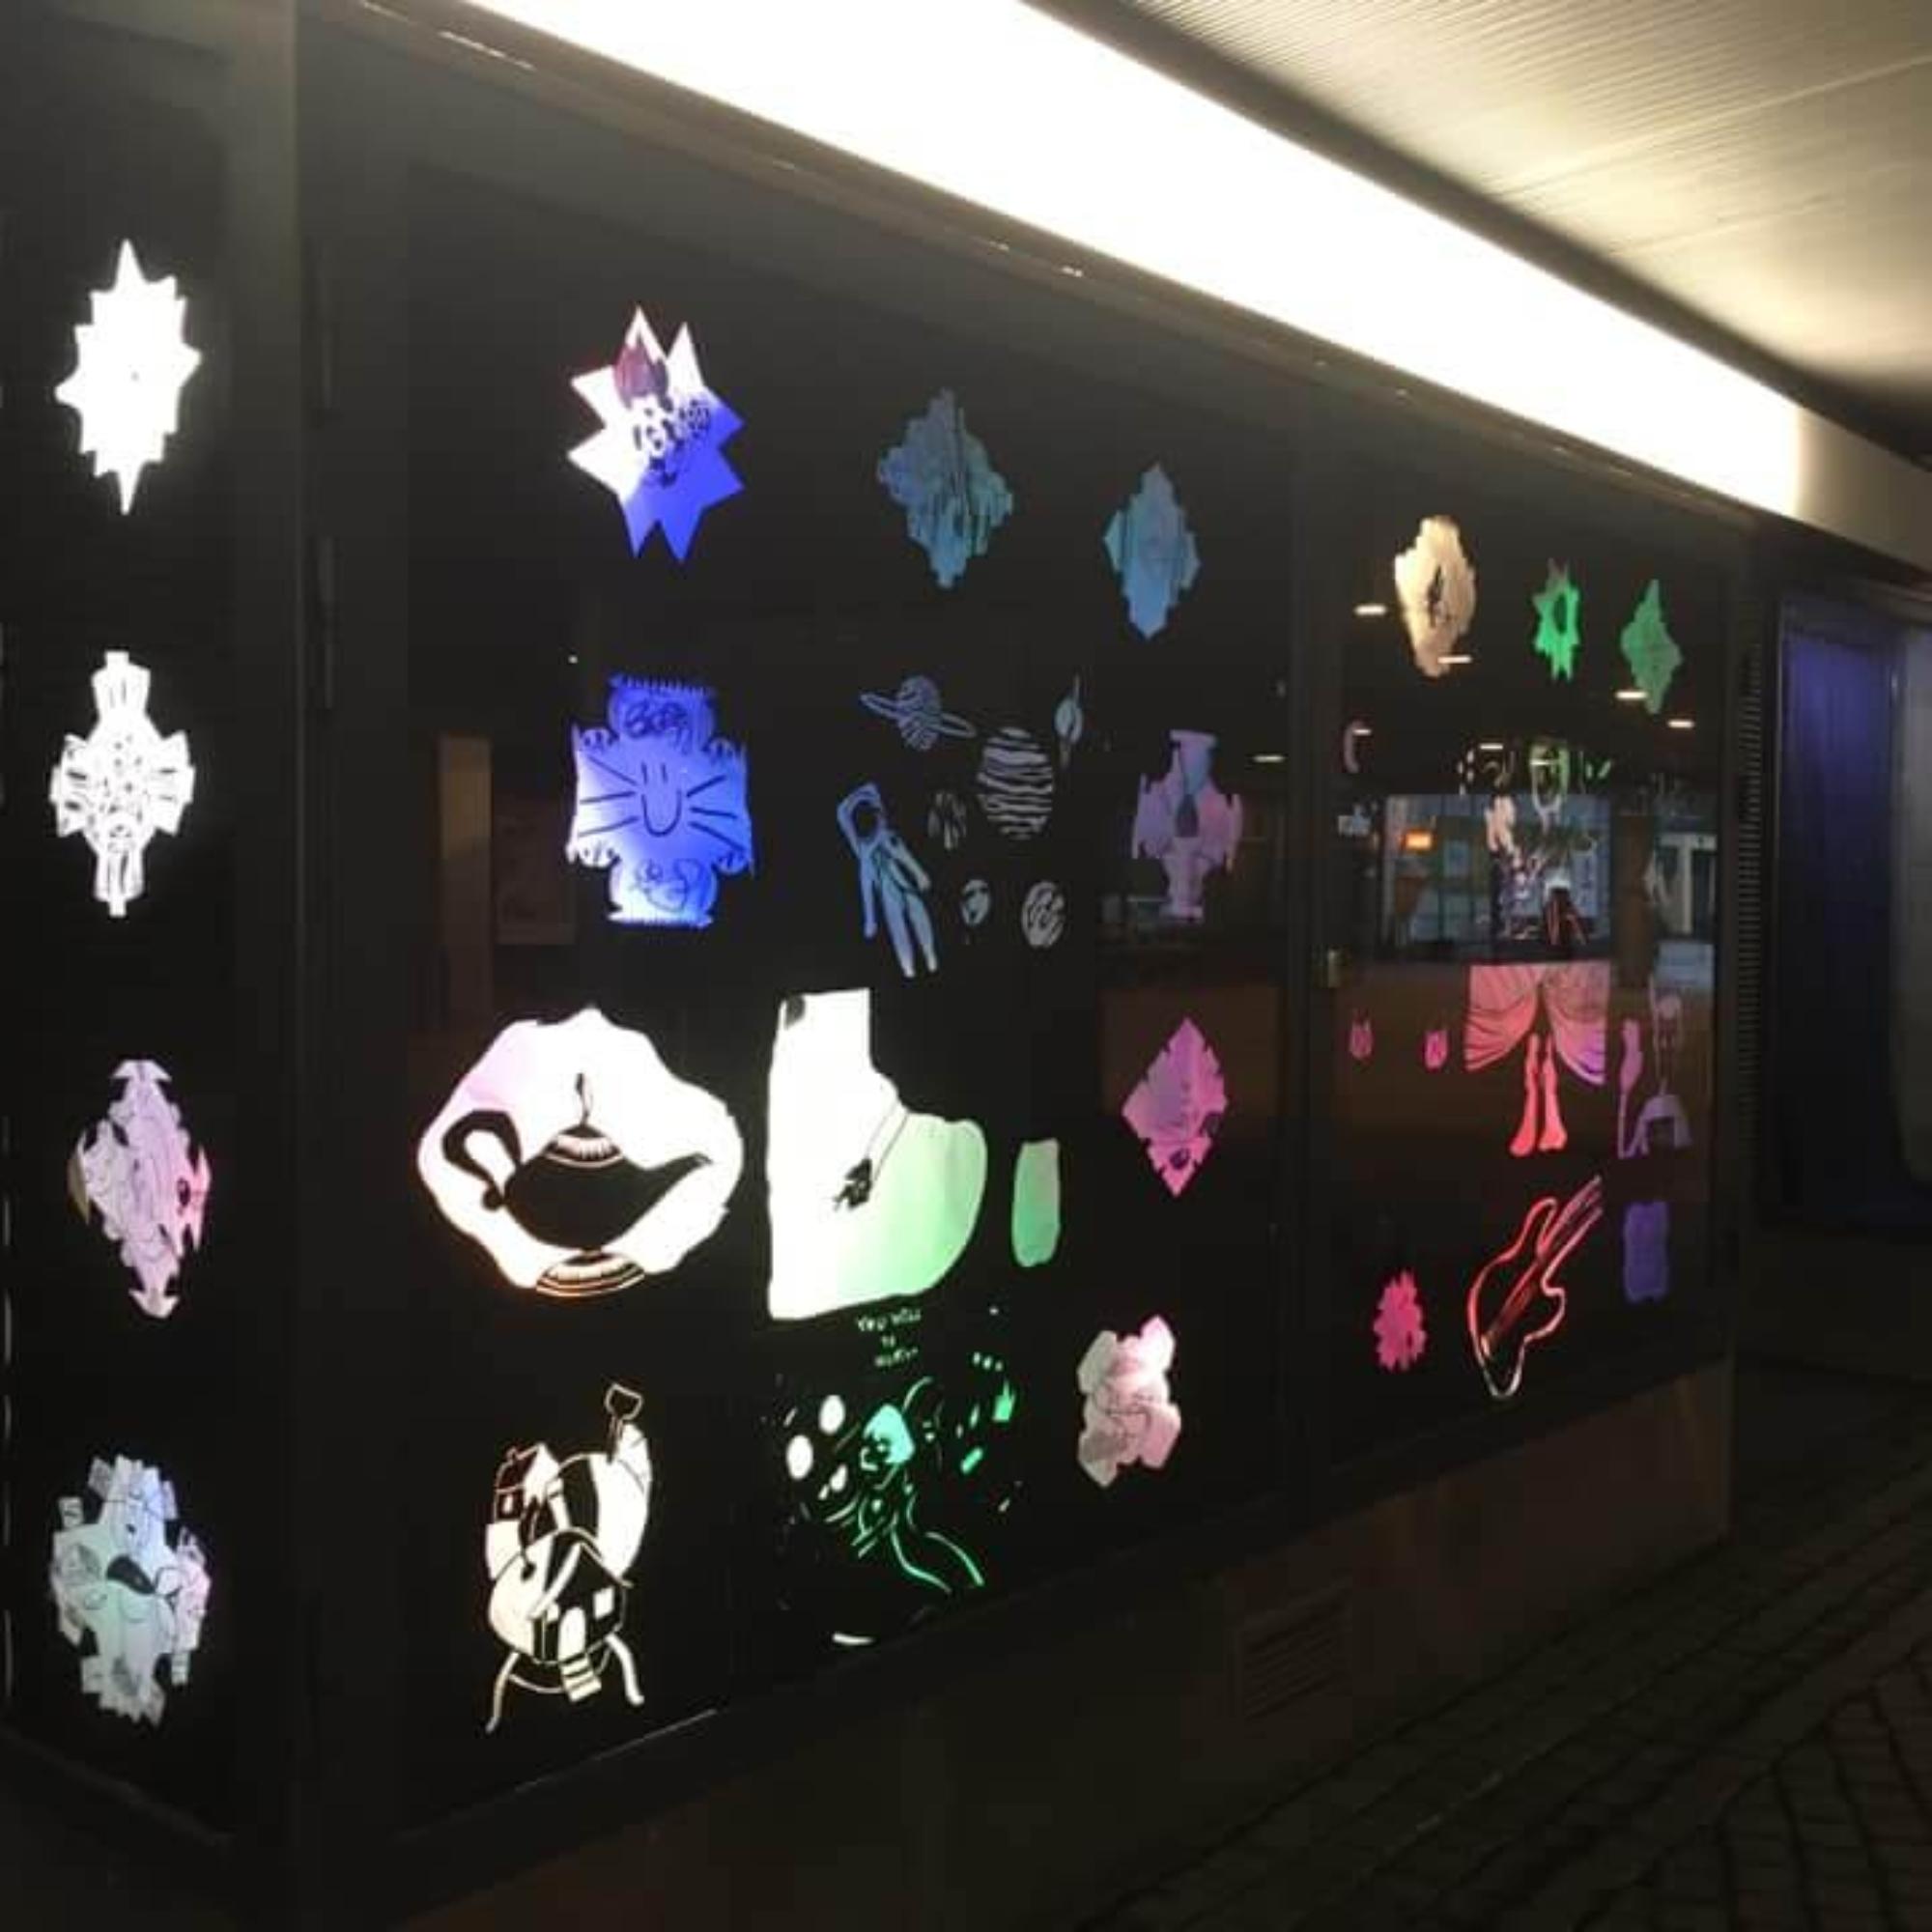 Kirkkonummen kuvataidekoulun Taikalyhty-valoteos Kauppakeskus Kirsikan alikulkutunnelin vitriinissä.